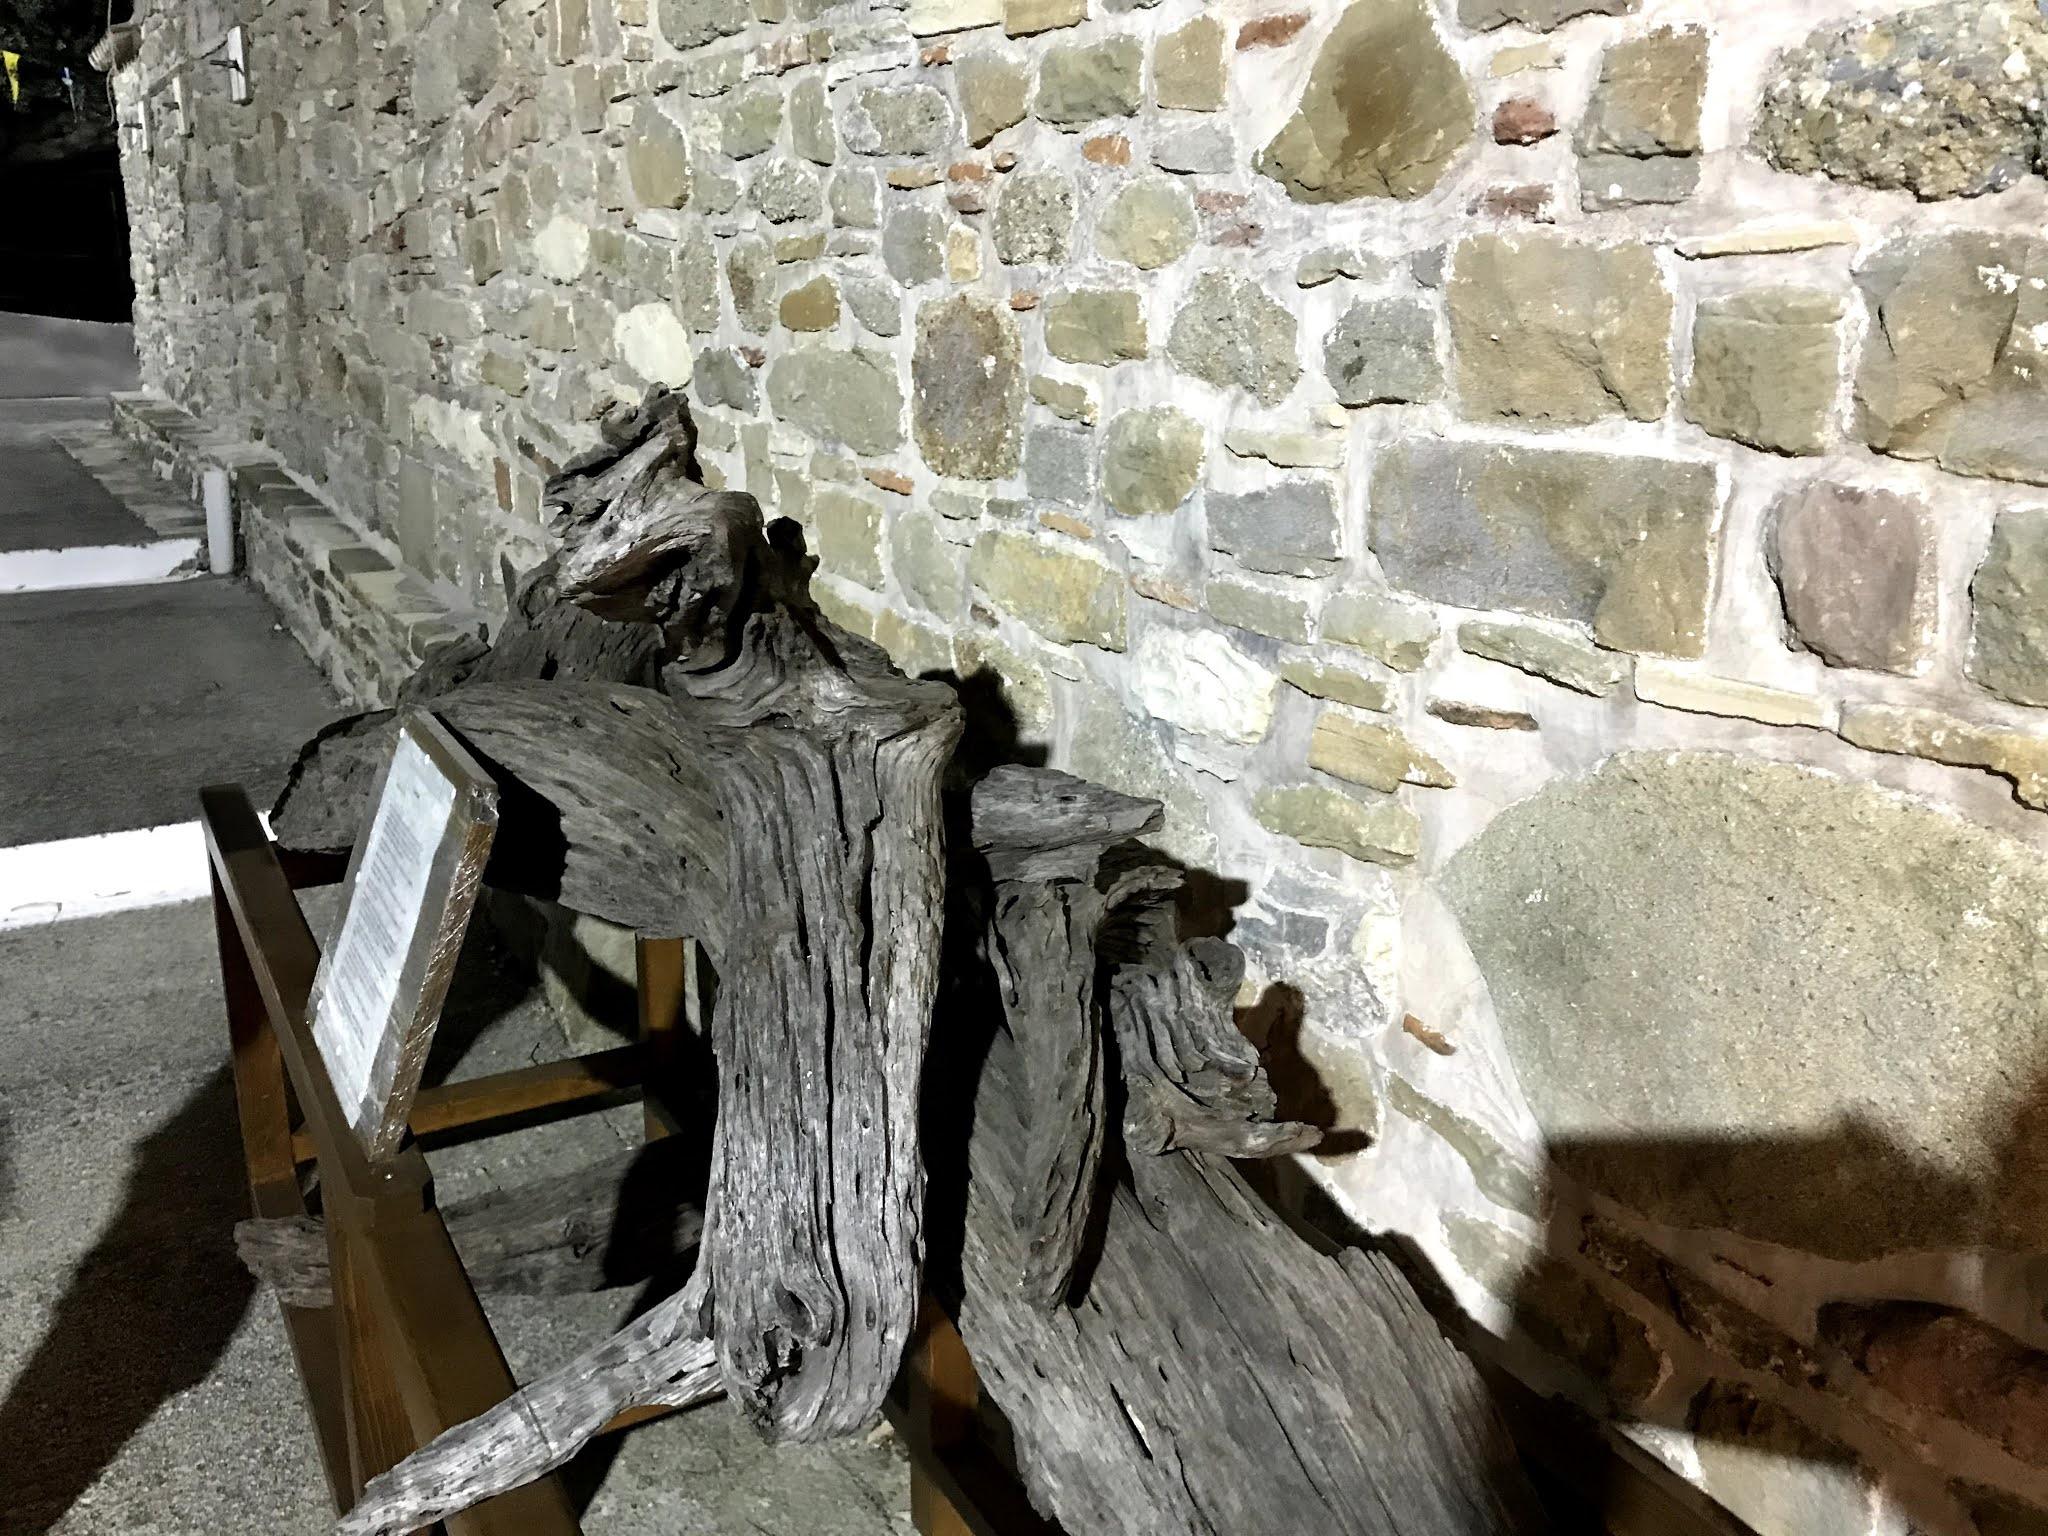 Κάθε βράδυ όμως η εικόνα εξαφανιζόταν από το ναό και το πρωί βρισκόταν στα κλαδιά ενός δέντρου, στο χώρο που είναι κτισμένη σήμερα η εκκλησία.